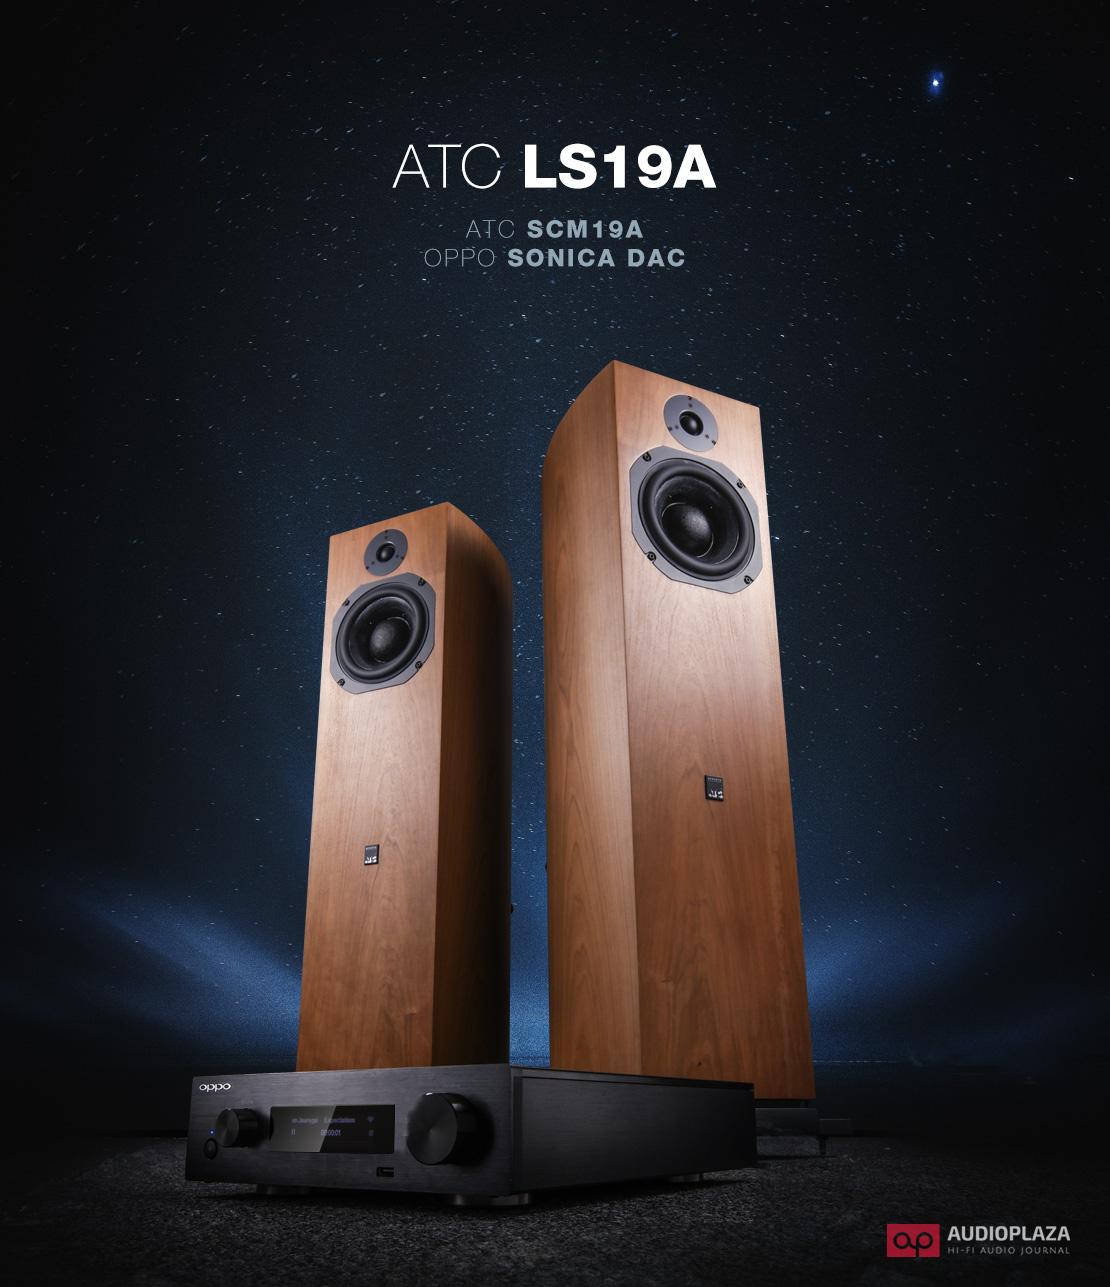 ATC LS19A